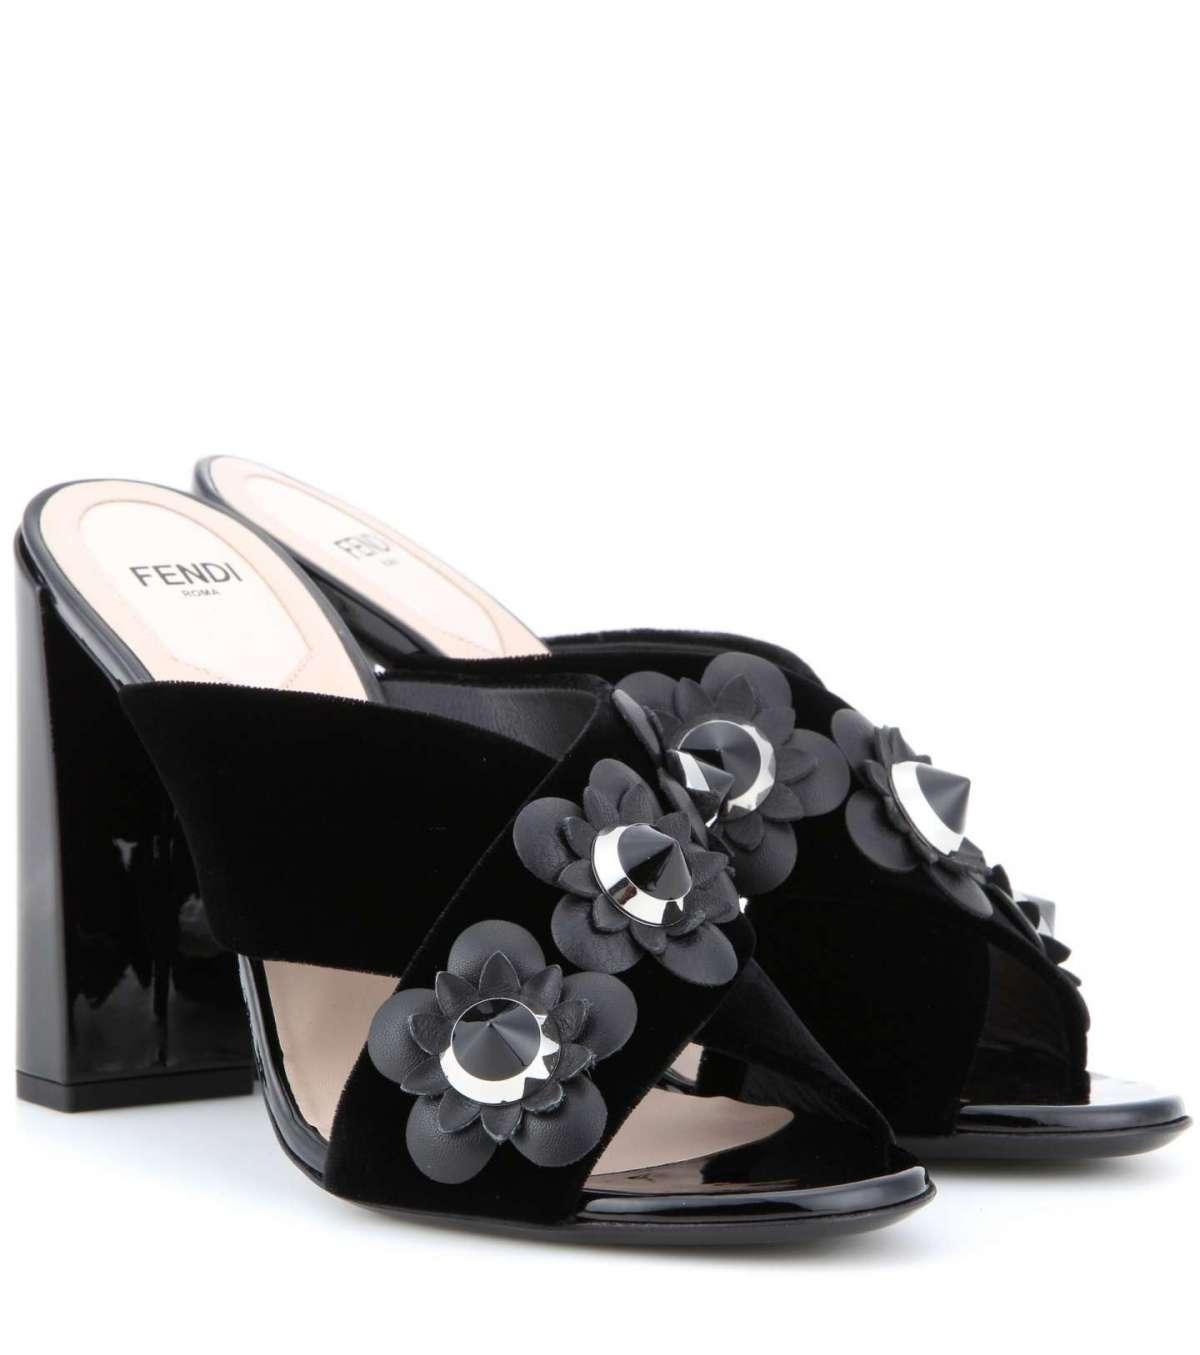 fendi sandali velluto